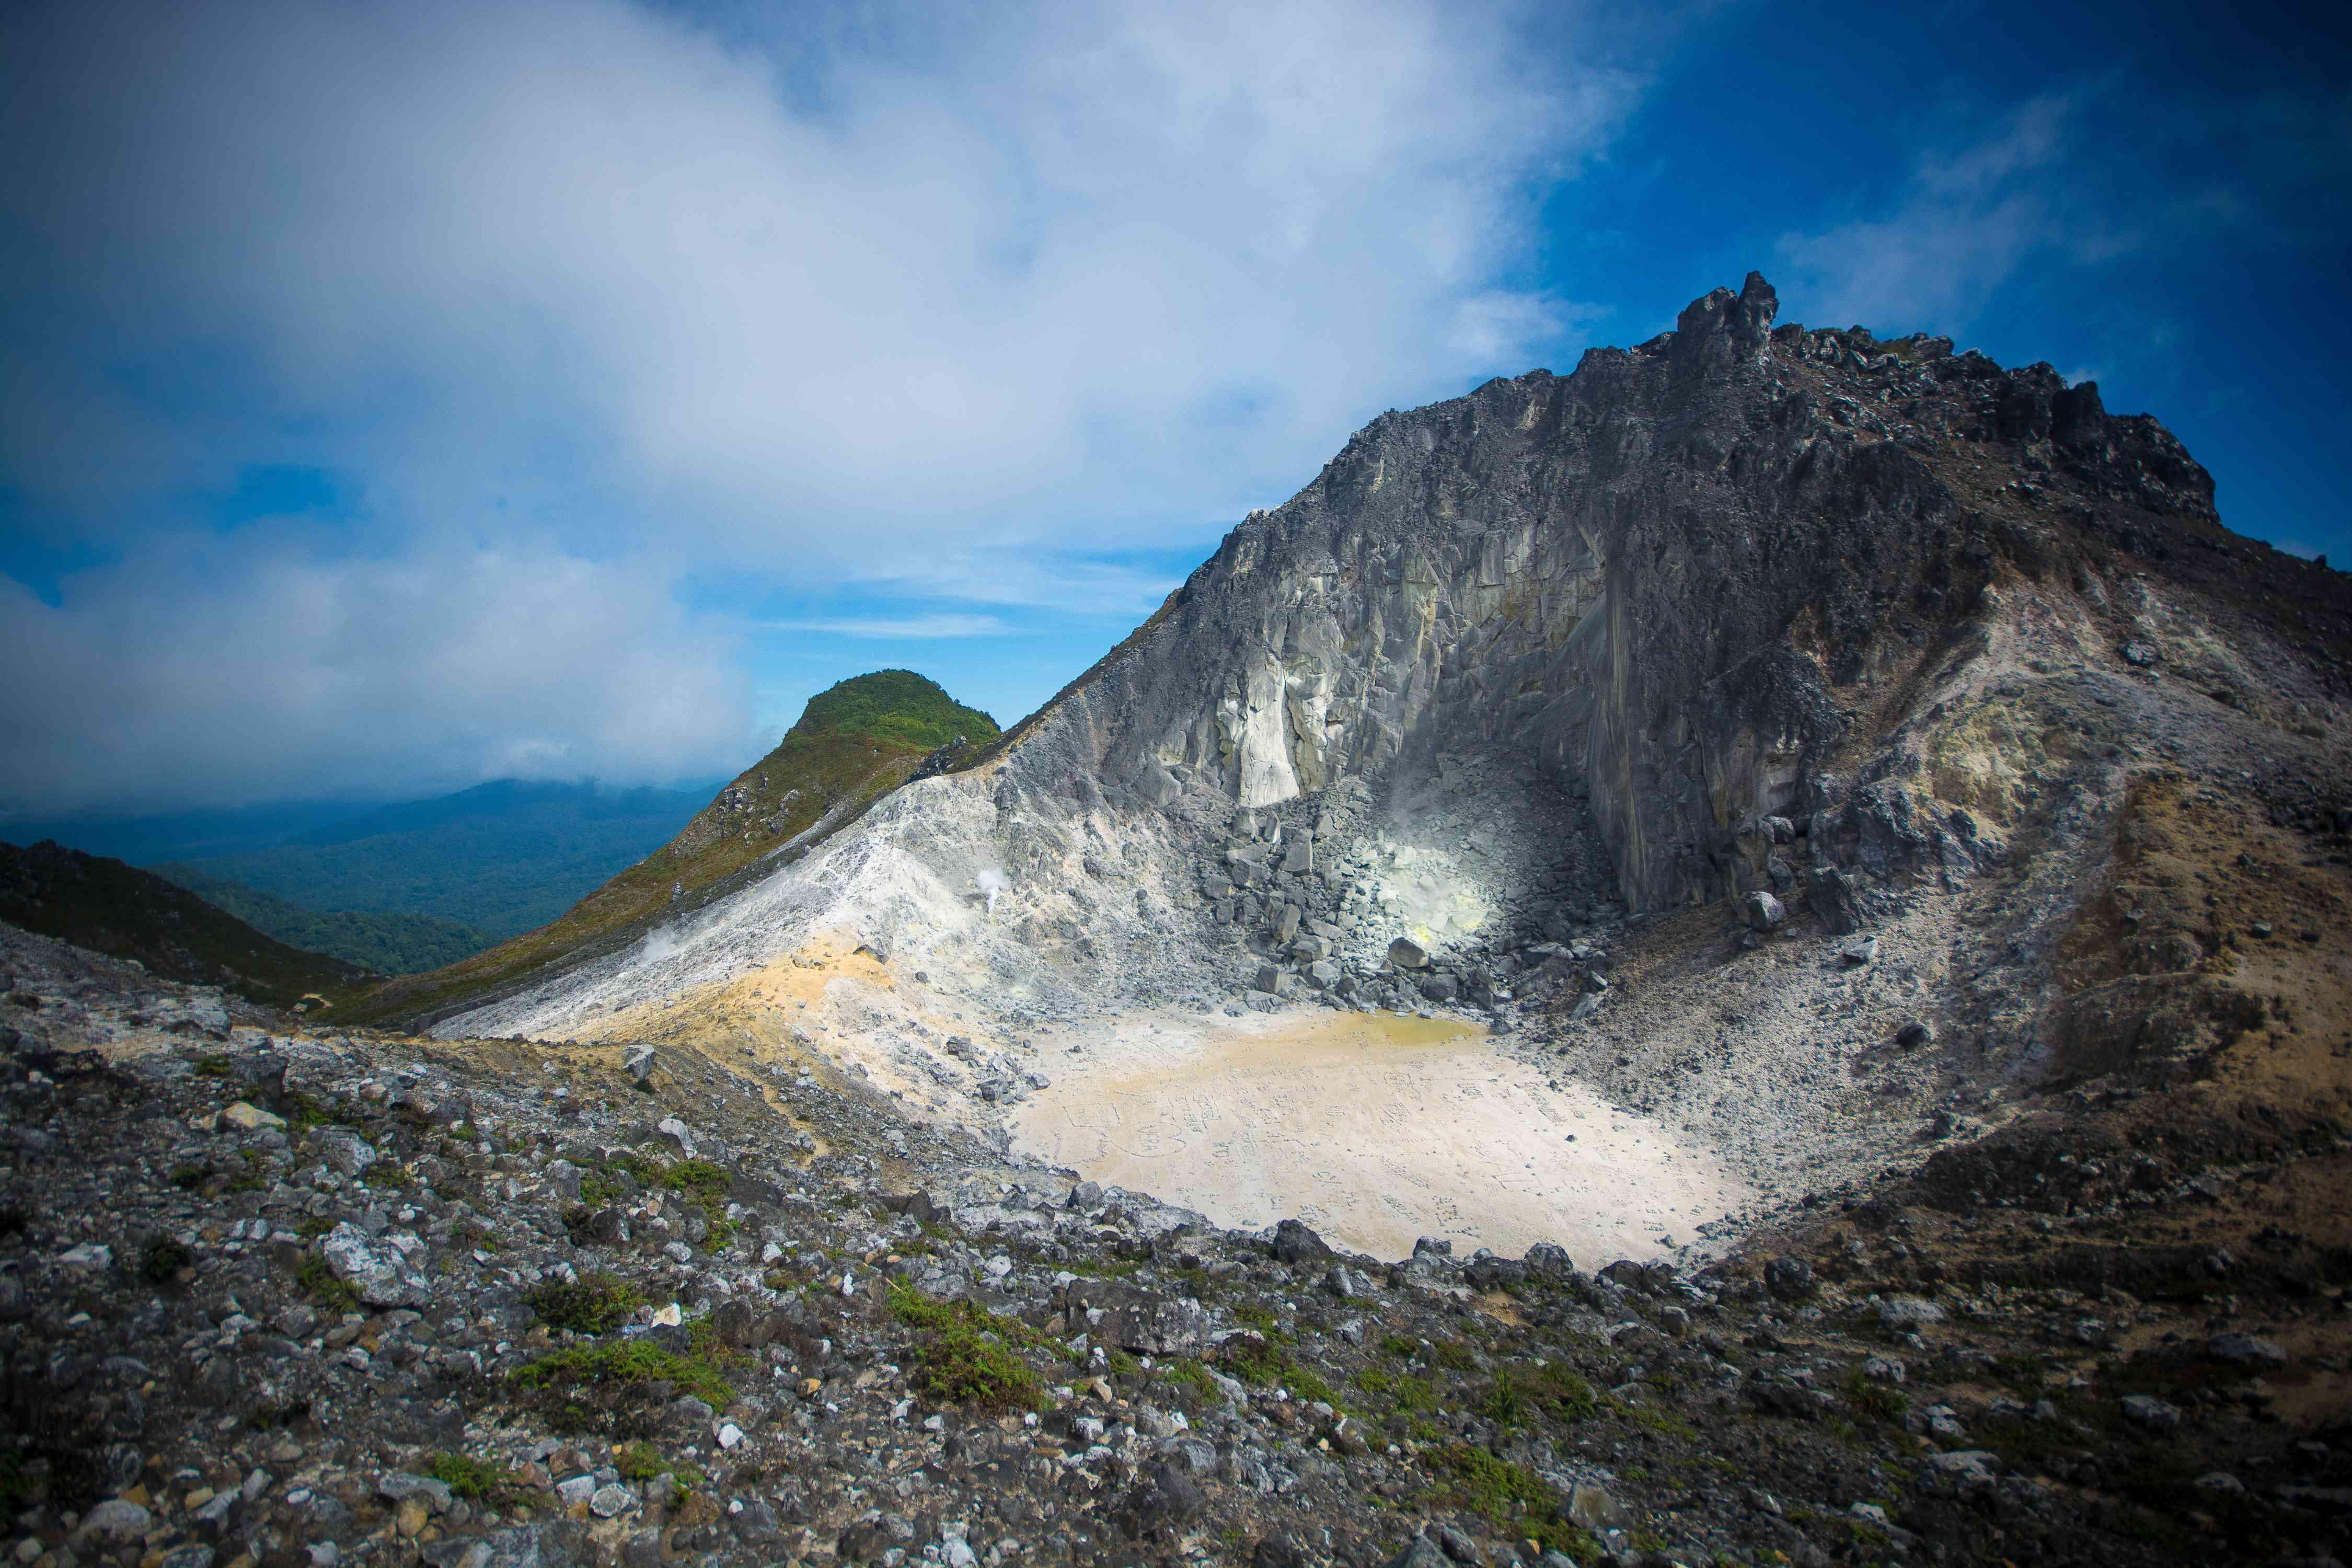 The caldera atop Gunung Sibayak in North Sumatra